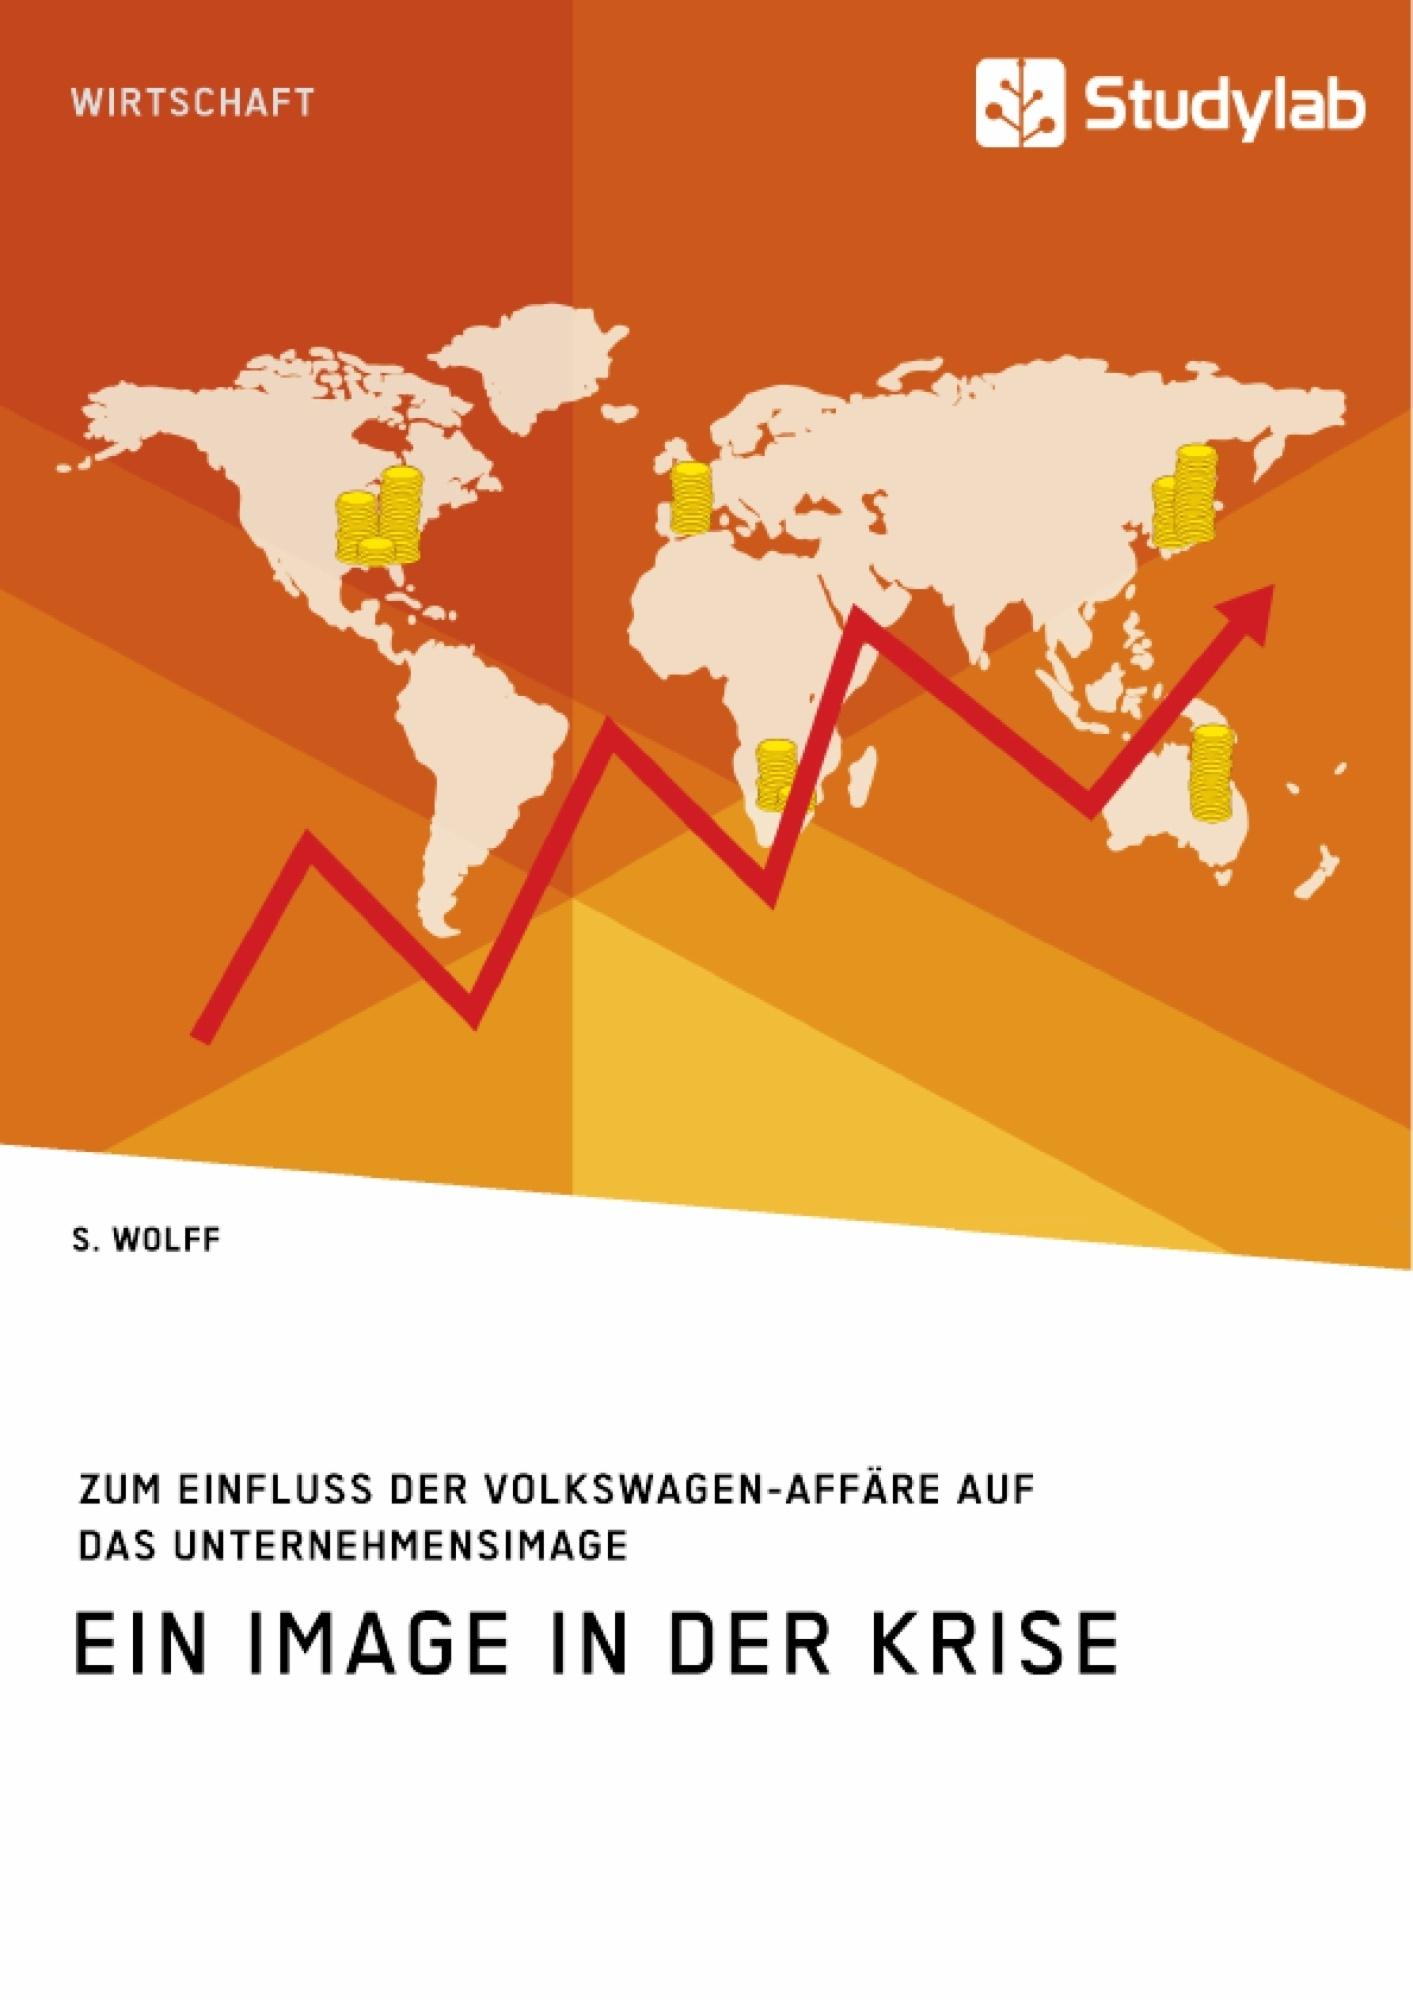 Titel: Ein Image in der Krise. Zum Einfluss der Volkswagen-Affäre auf das Unternehmensimage